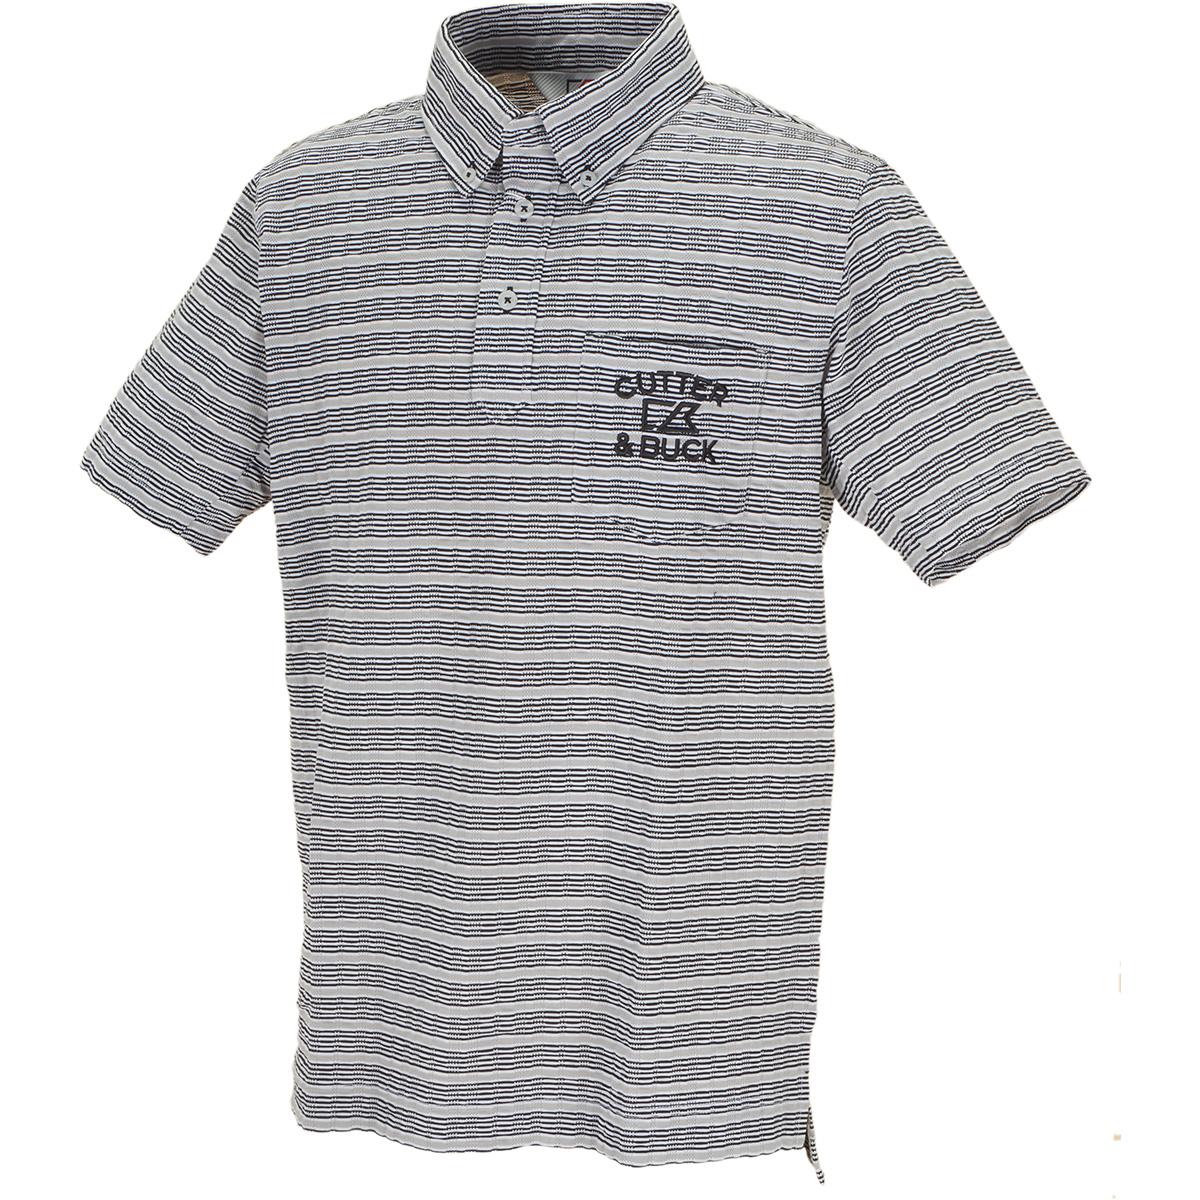 サッカーボーダーボタンダウンカラー 半袖ニットポロシャツ